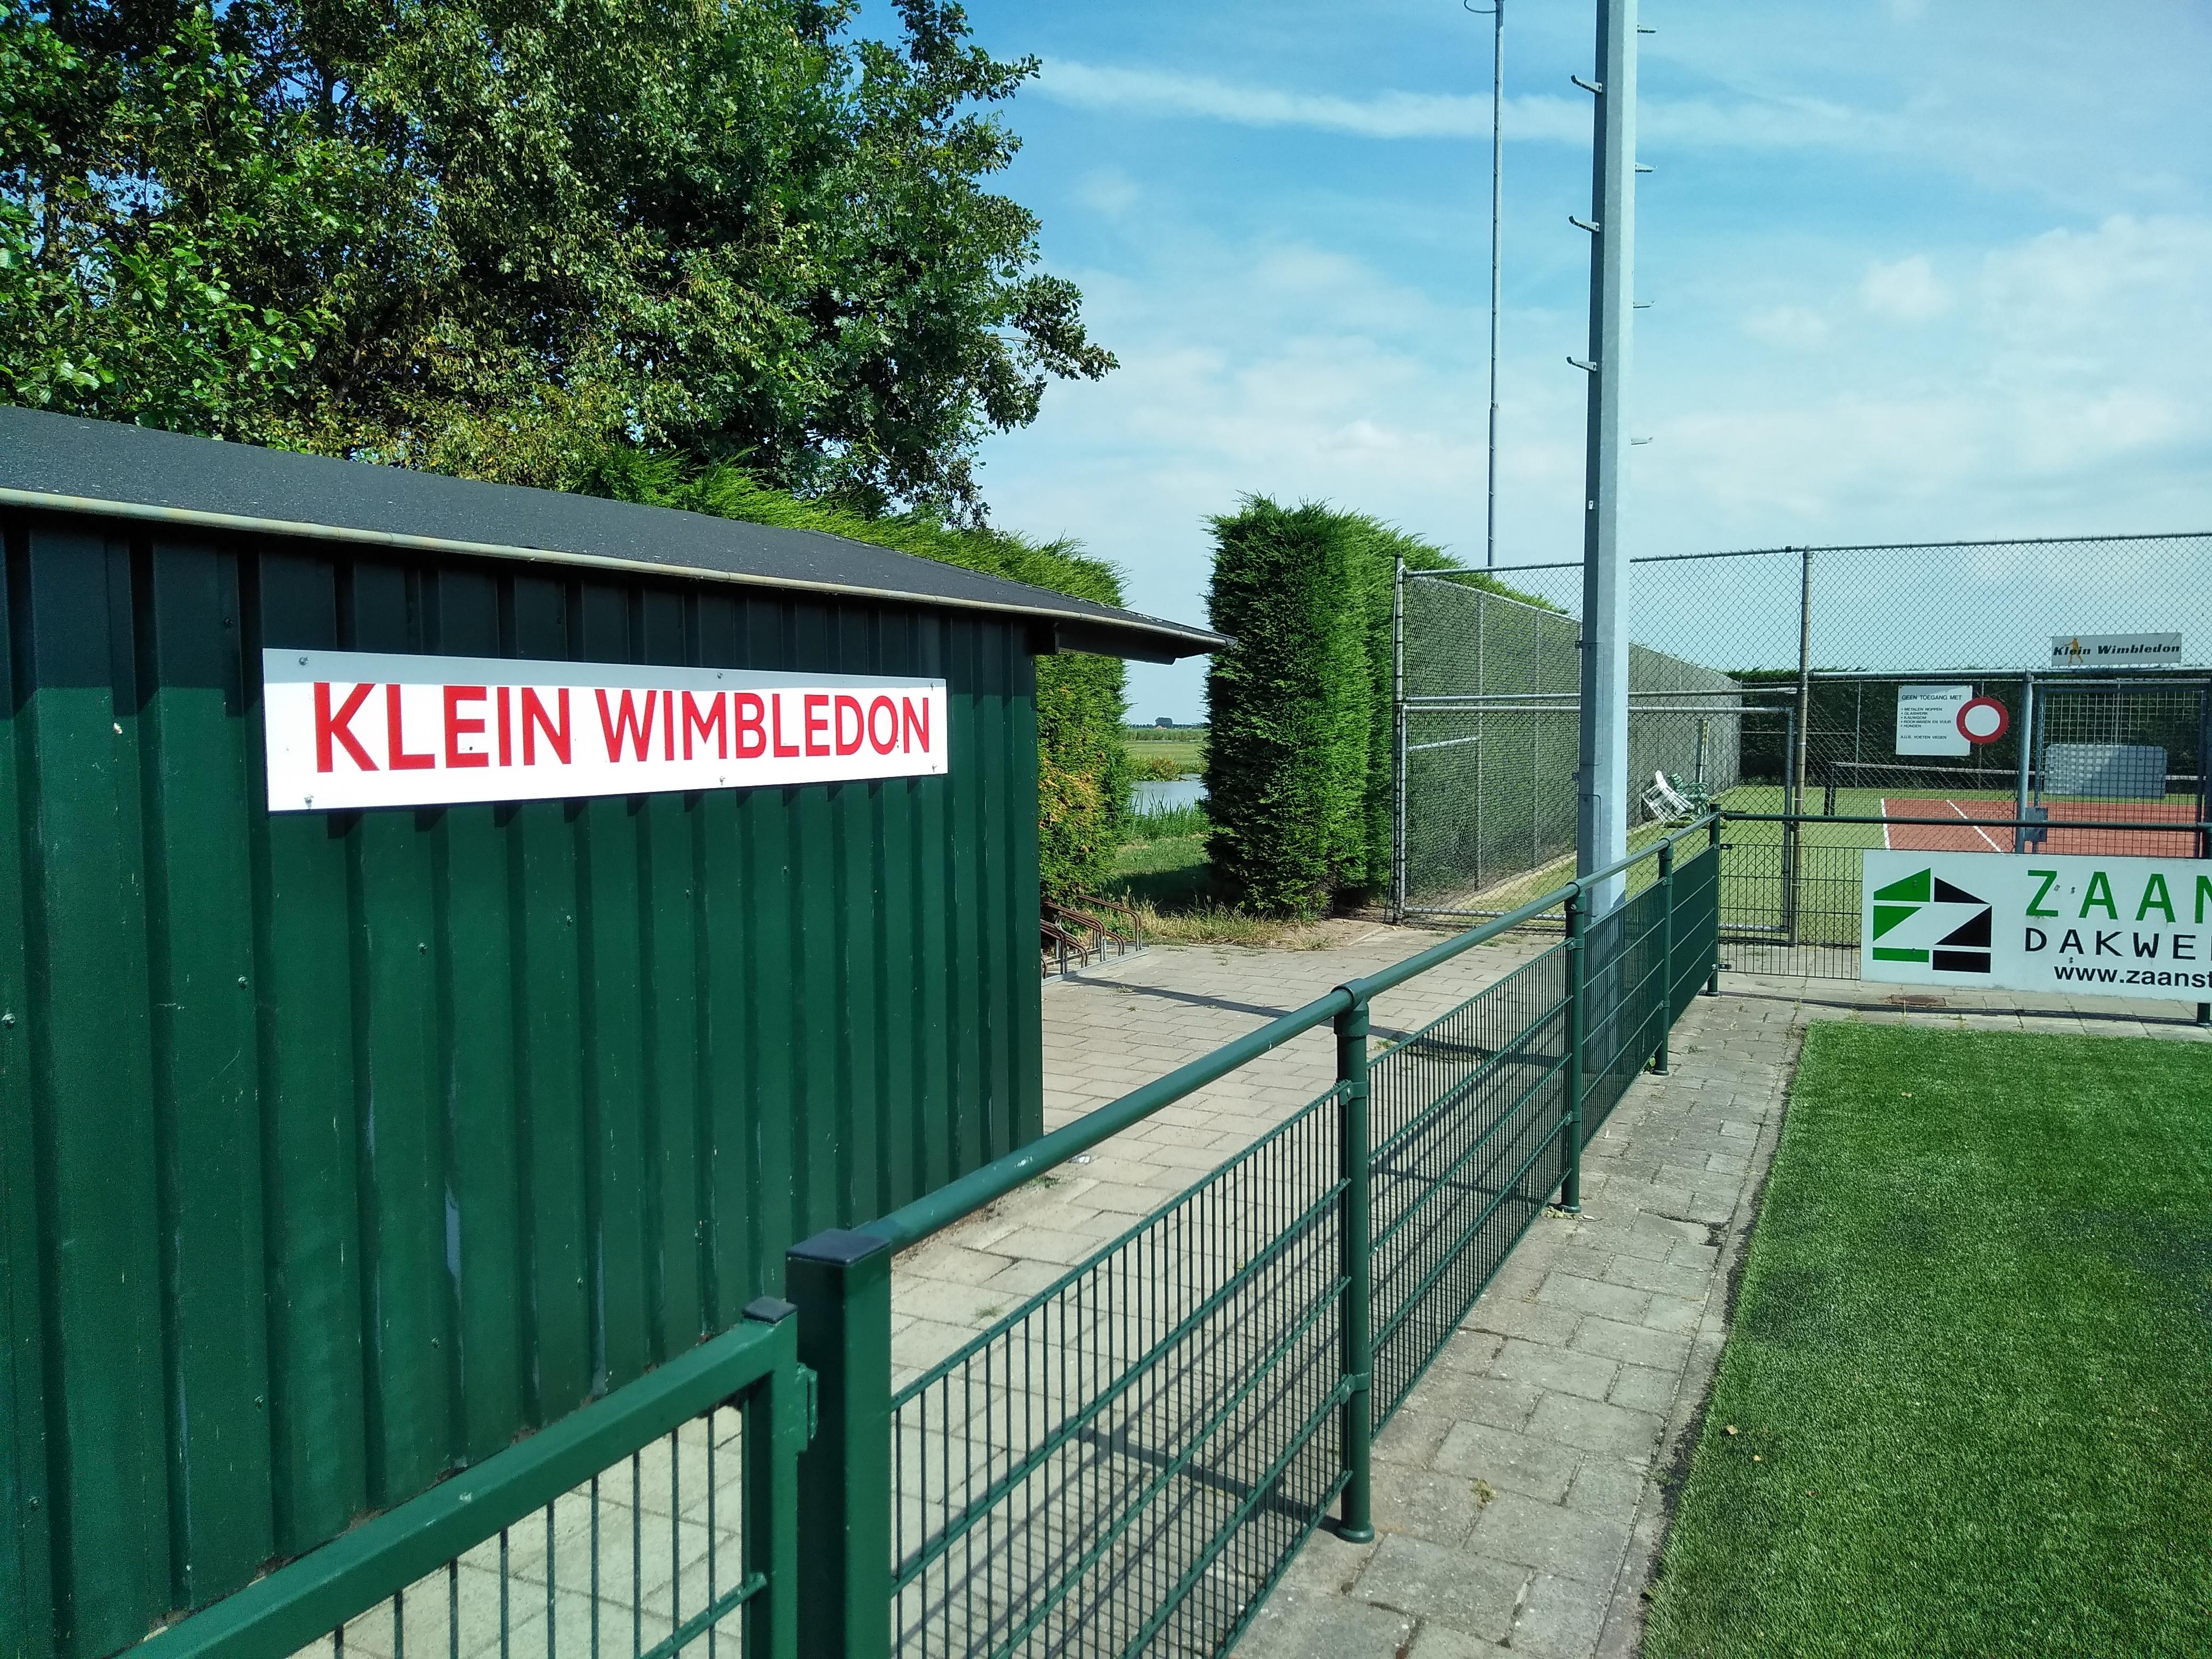 Passanten in Oostknollendam worden vanaf de dijk middels het nieuwe bord op tennispark Klein Wimbledon gewezen. (Foto: Bart van der Laan)